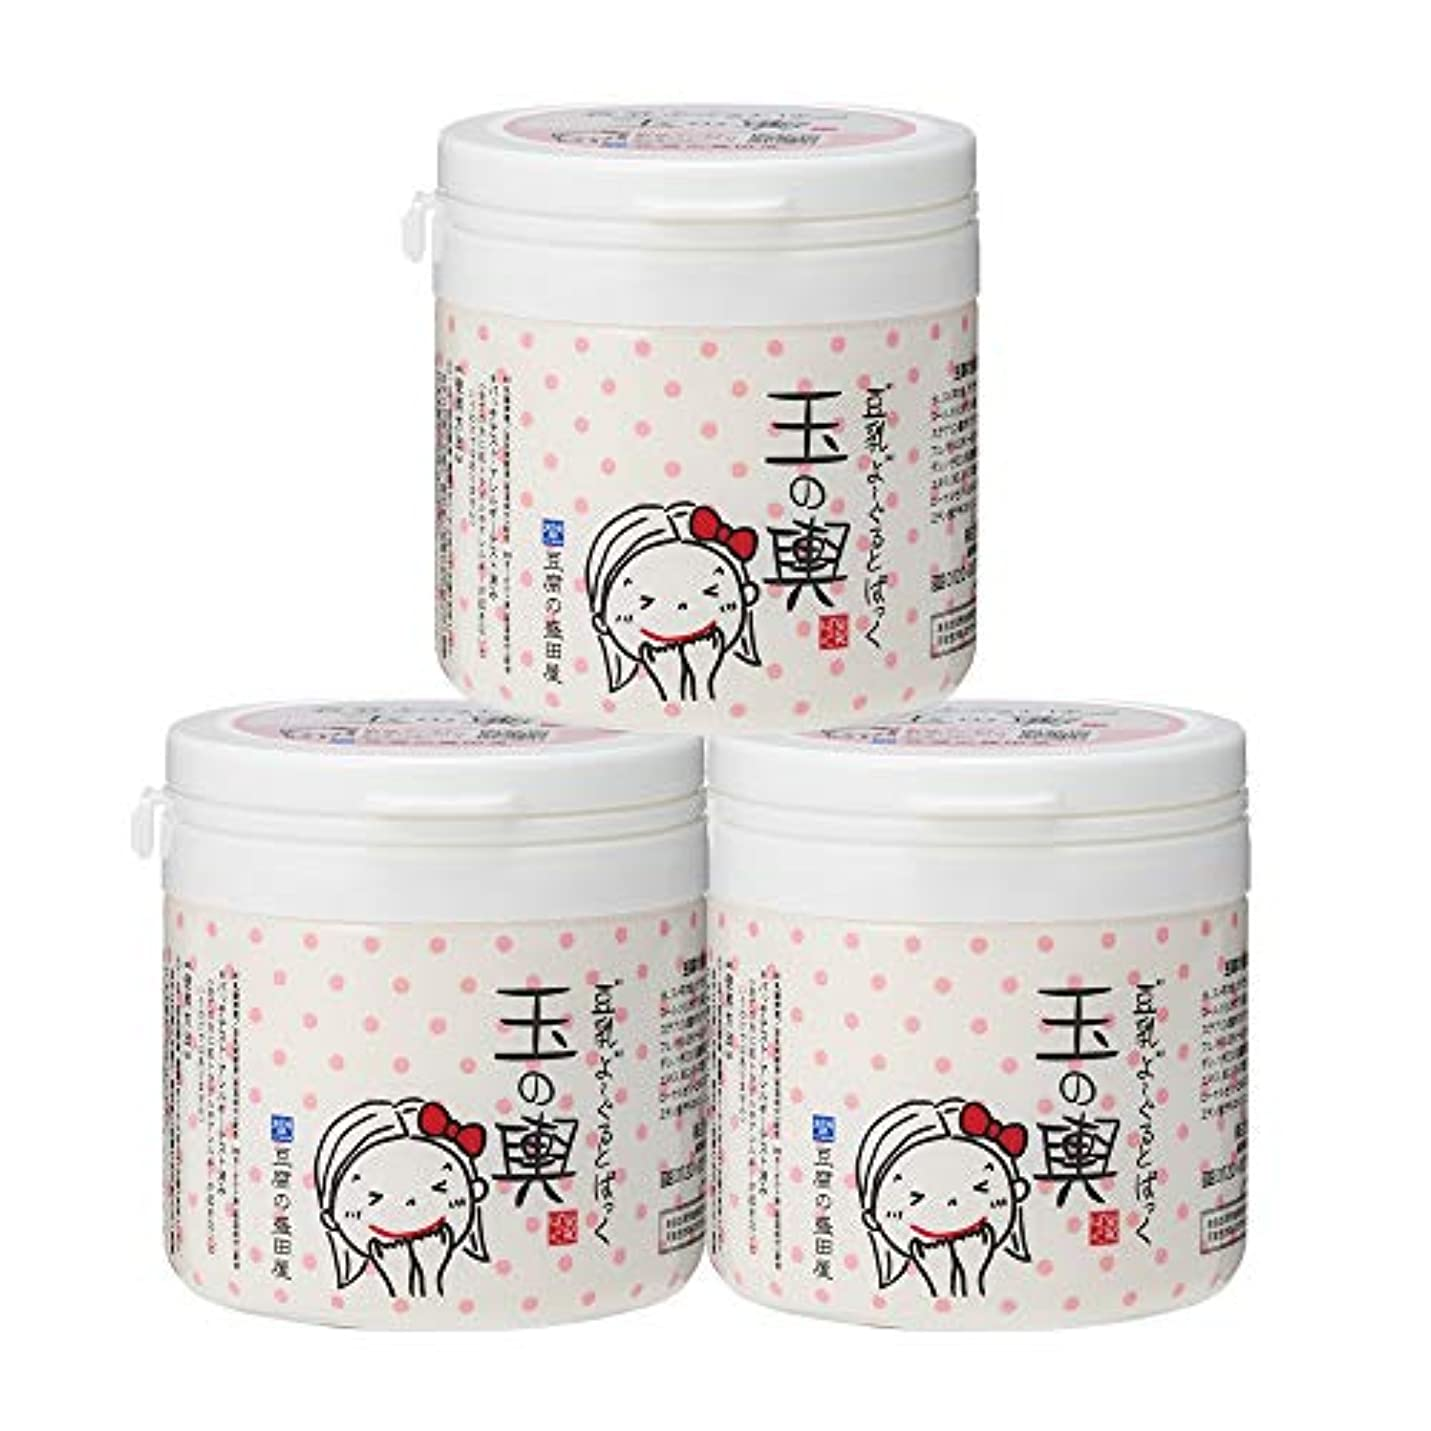 高度ファンネルウェブスパイダーに賛成豆腐の盛田屋 豆乳よーぐるとぱっく 玉の輿 150g×3個セット